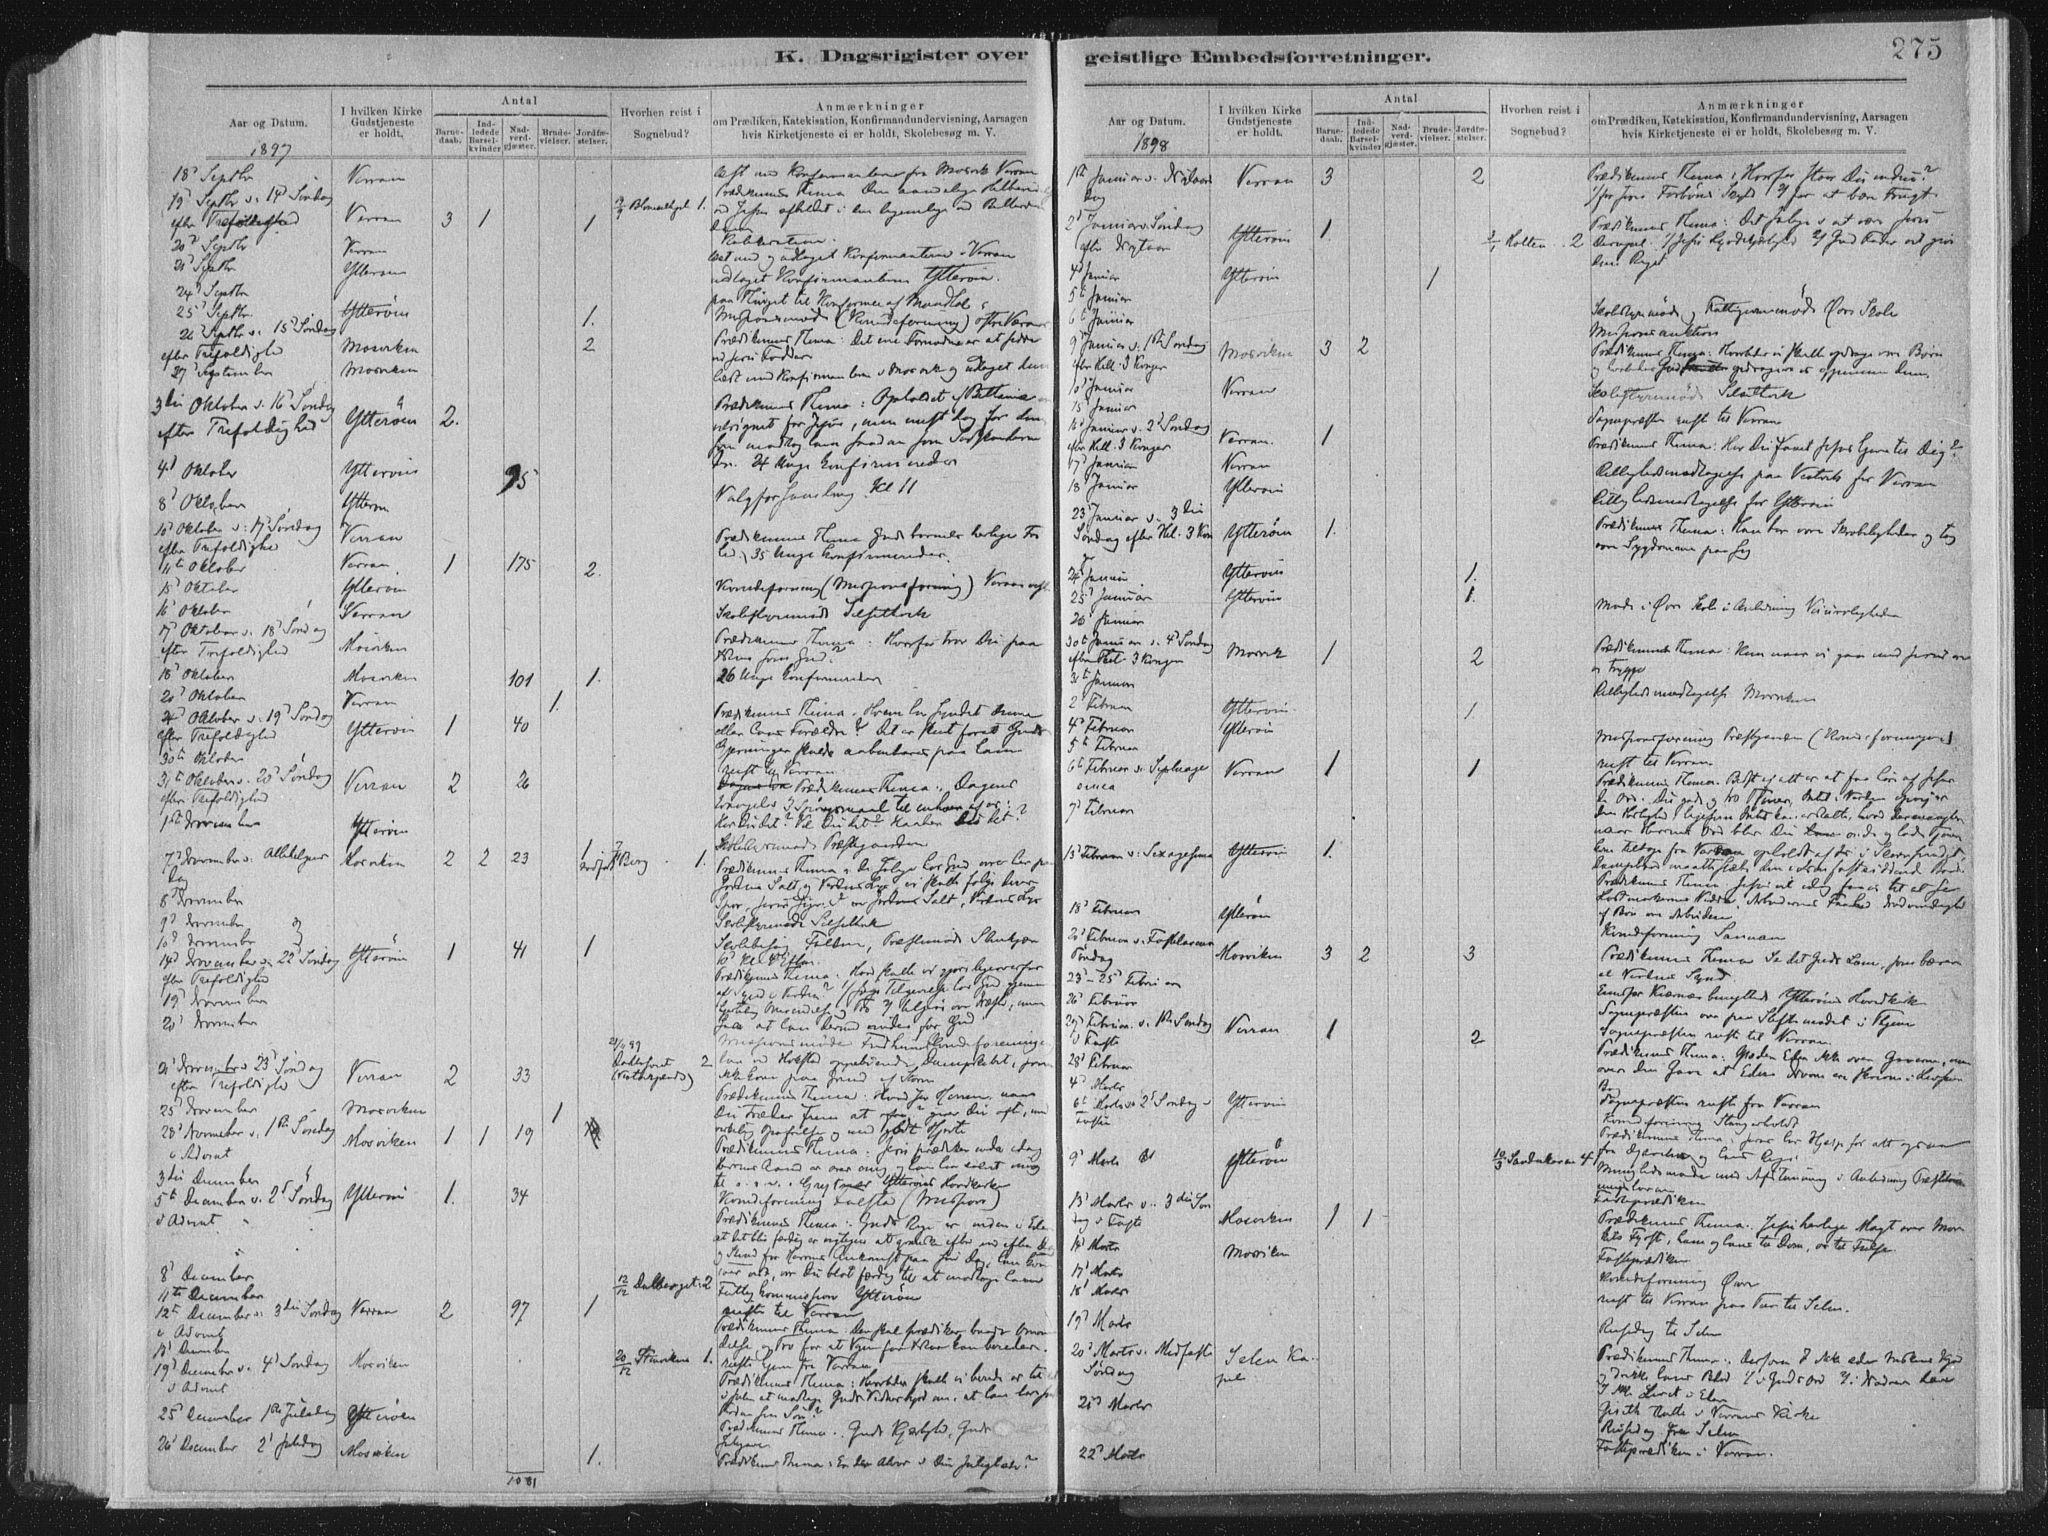 SAT, Ministerialprotokoller, klokkerbøker og fødselsregistre - Nord-Trøndelag, 722/L0220: Ministerialbok nr. 722A07, 1881-1908, s. 275